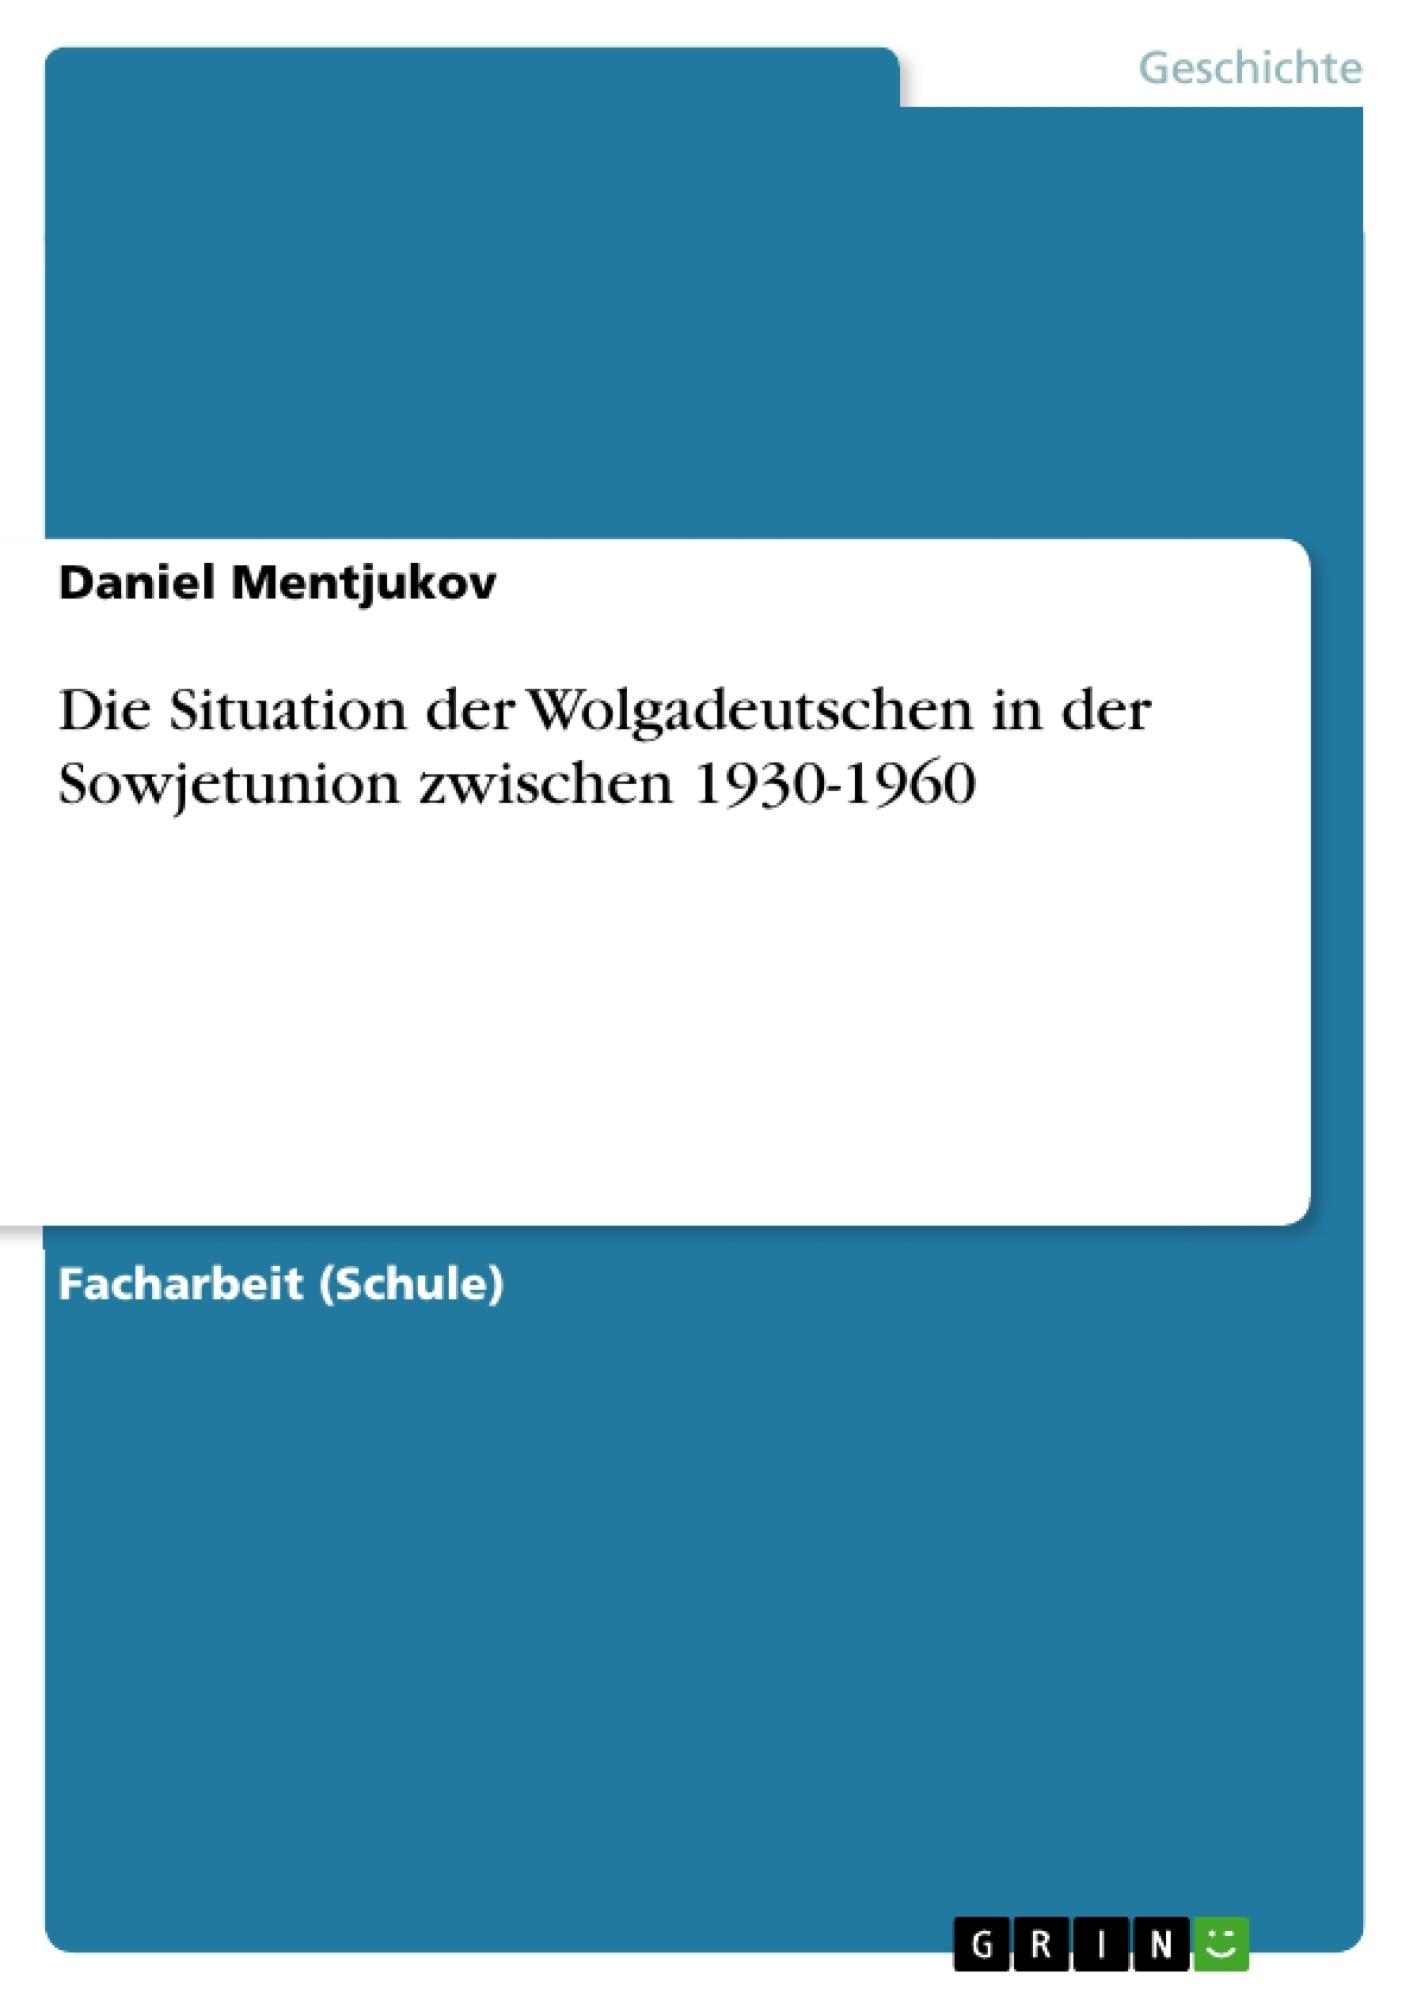 Titel: Die Situation der Wolgadeutschen in der Sowjetunion zwischen 1930-1960